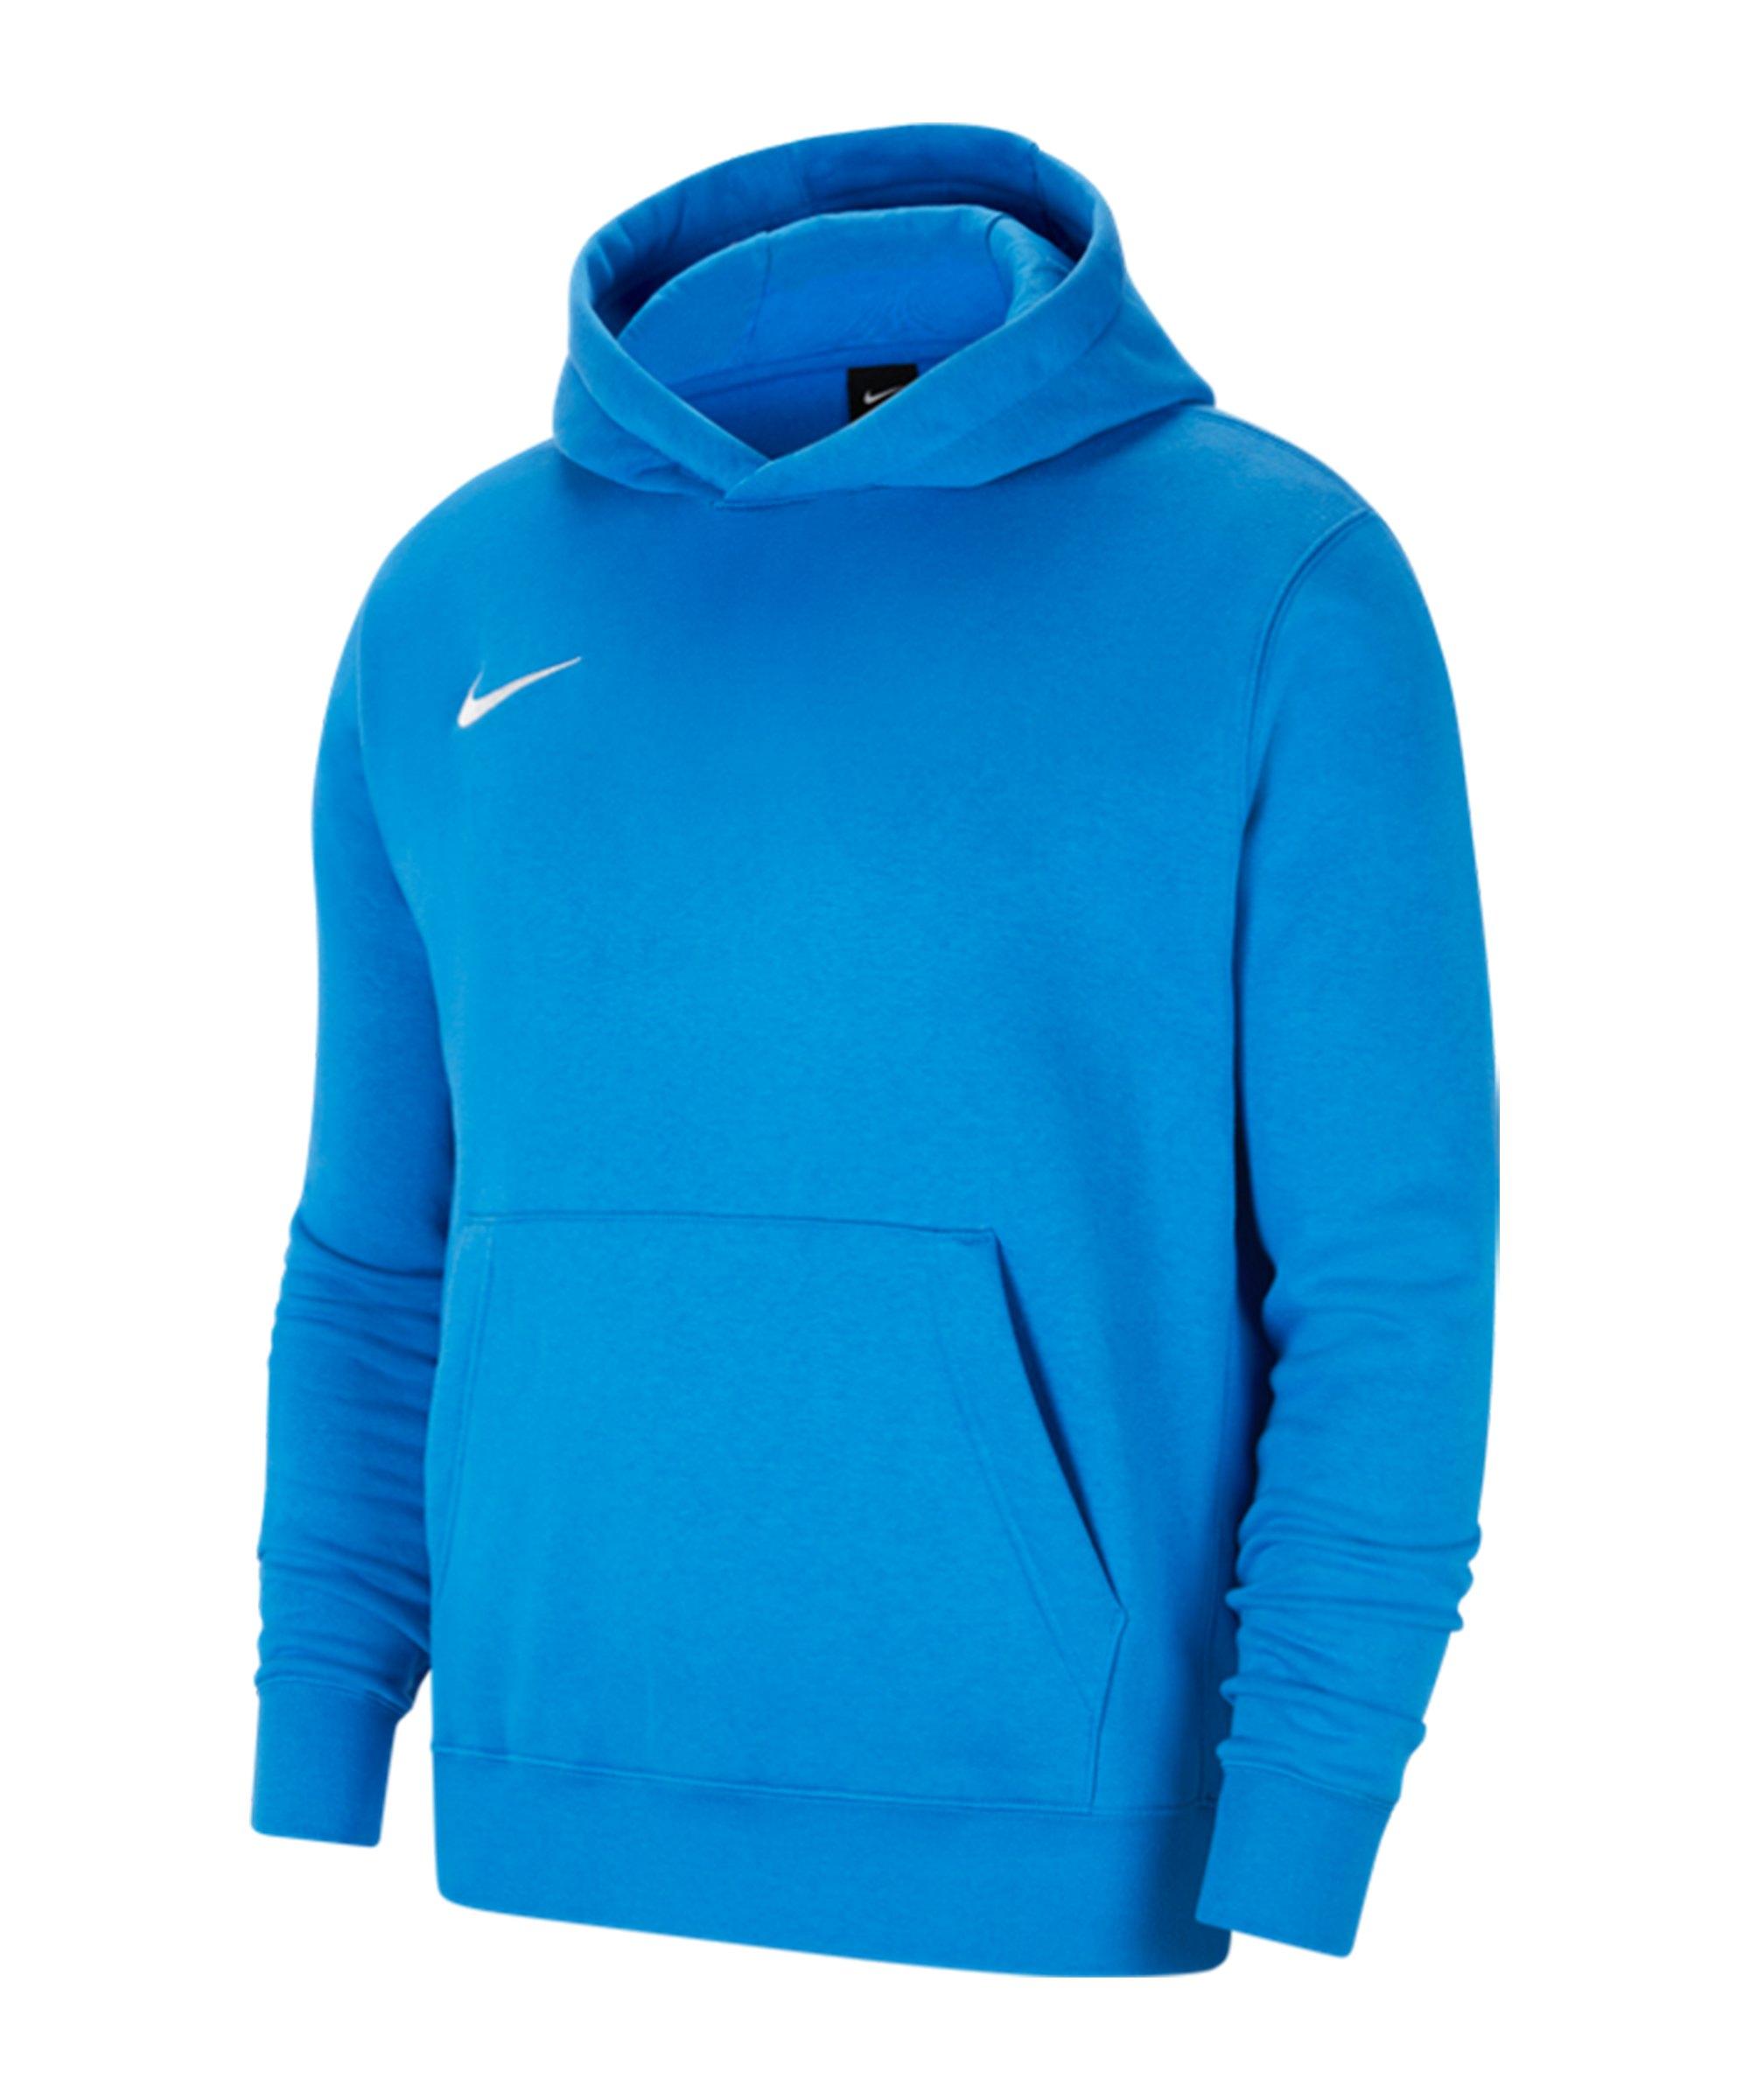 Nike Park 20 Fleece Hoody Kids Blau Weiss F463 - blau